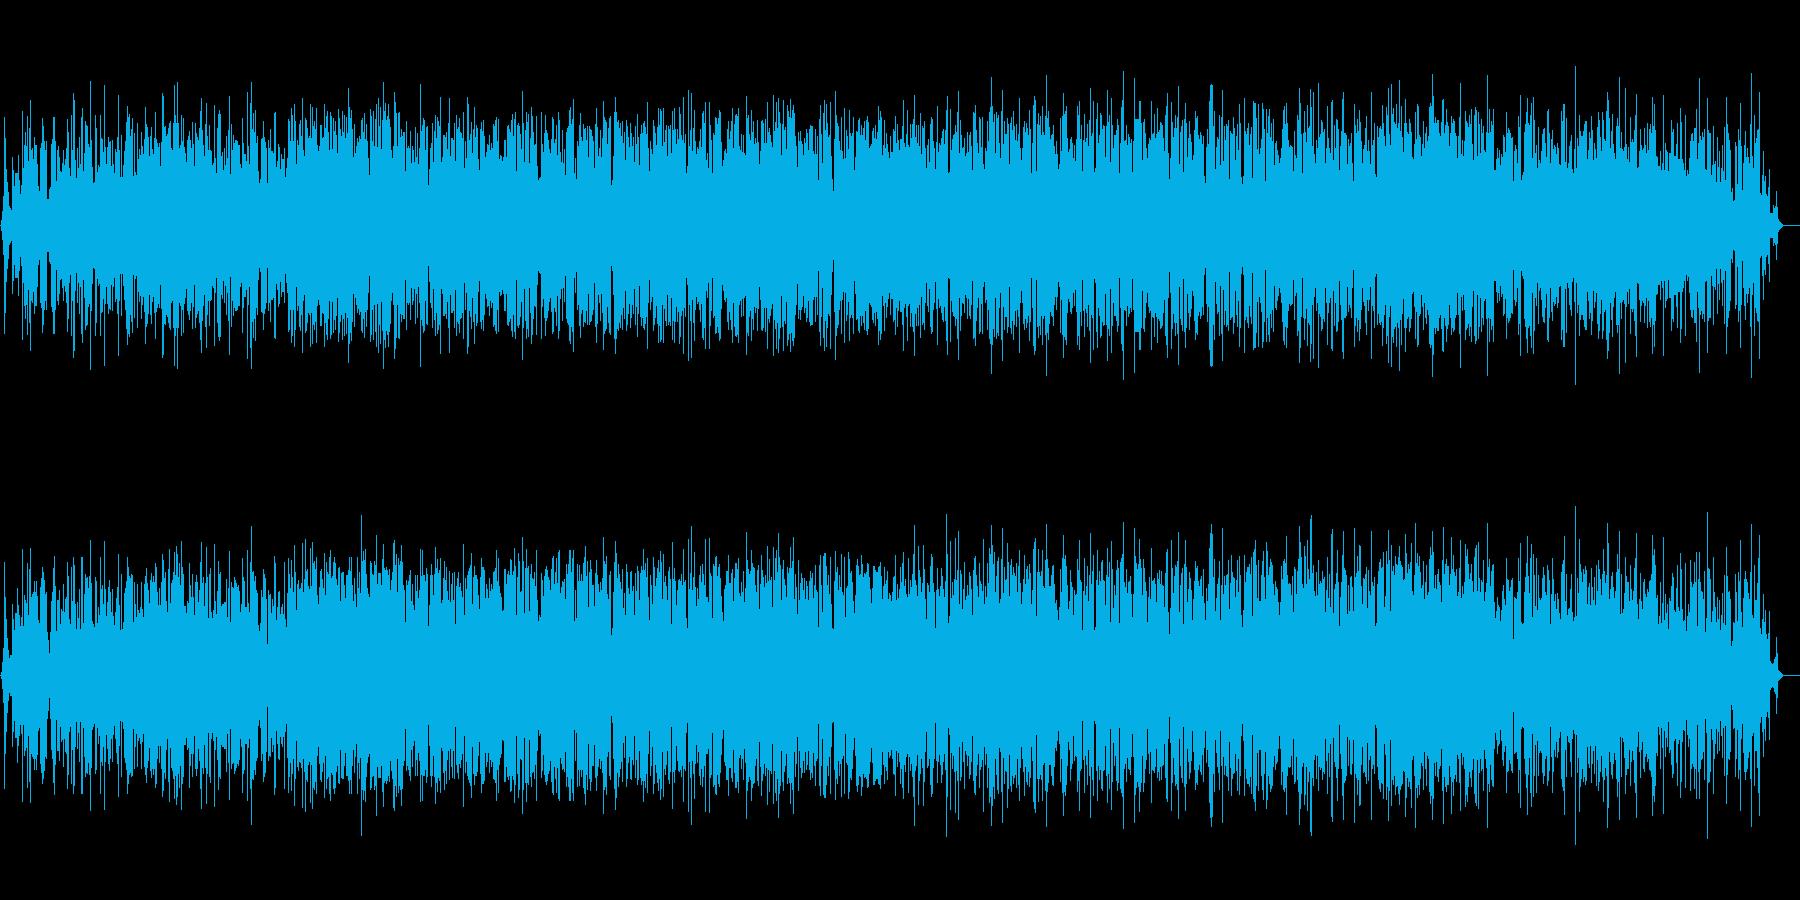 メロウで不思議な感覚のノイズミュージックの再生済みの波形